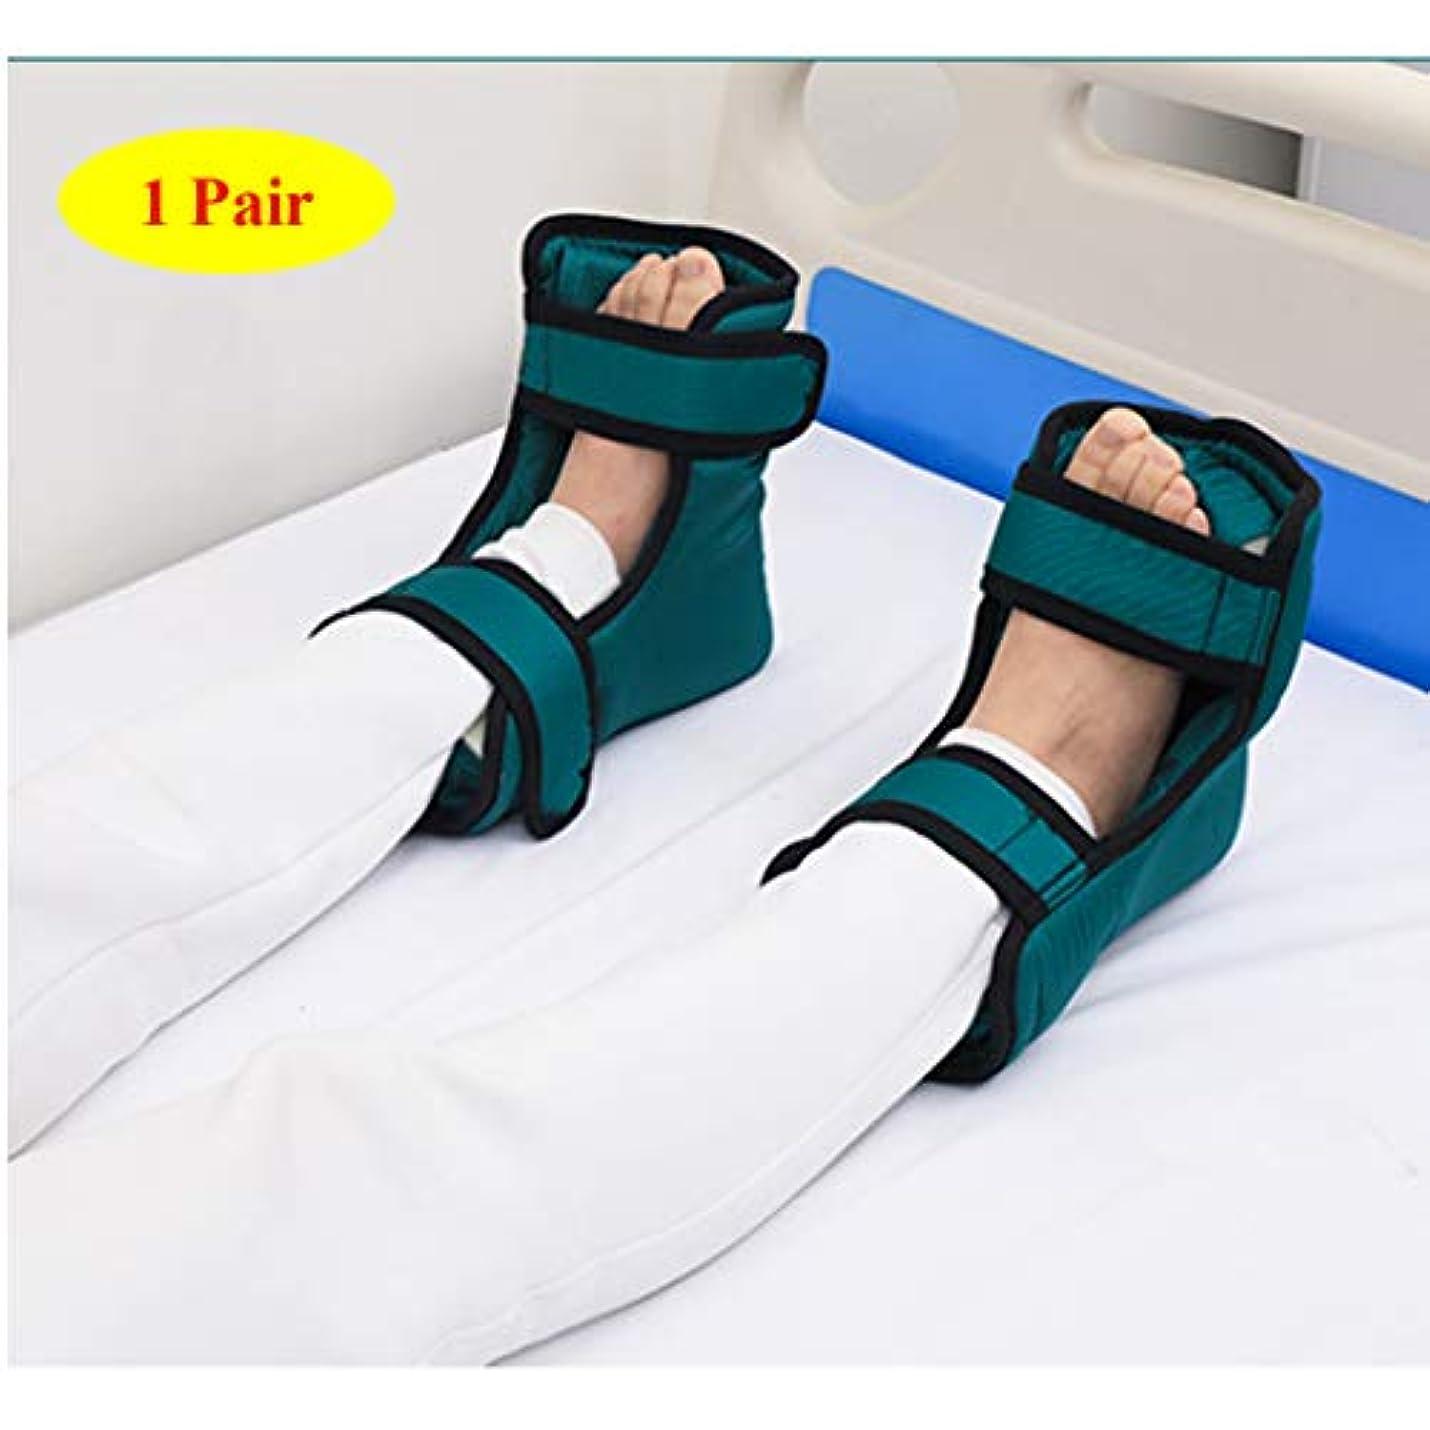 レスリングホールドオールスキャンダルヒールクッションプロテクター1ペア - ヒールブーツ保護 - 足と足首の枕パッドガード - 足を保護する、肘、かかと - ベッド&褥瘡